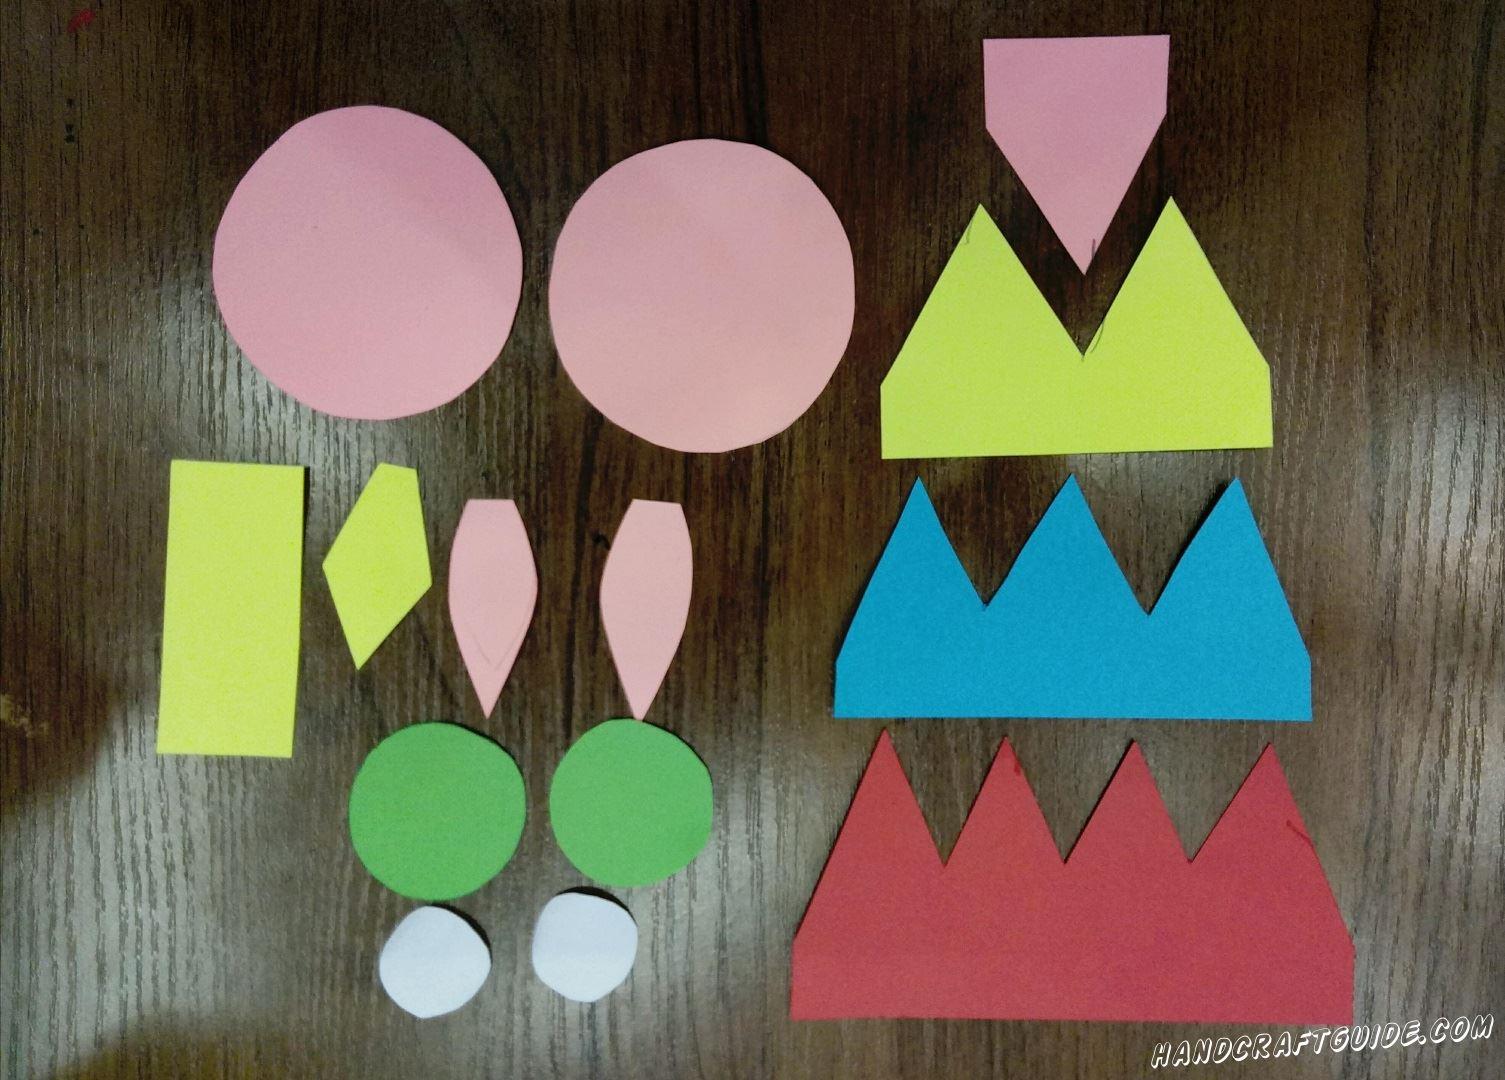 Для начала нам нужно подготовить, то есть вырезать все необходимые нам детали из цветной бумаги. Постарайтесь вырезать все детальки, как они показаны на фотографии